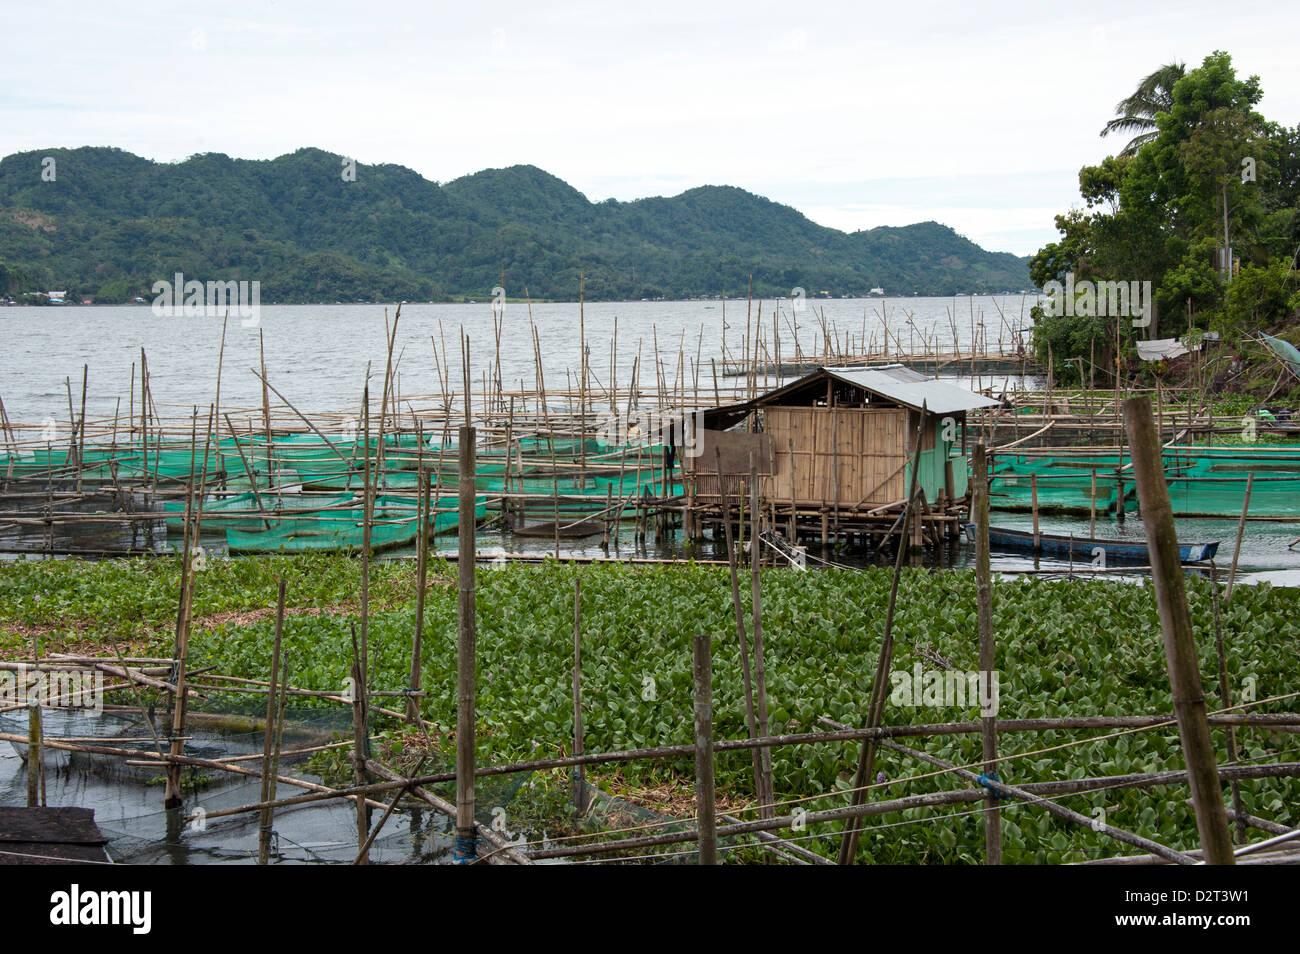 Tondano Lake, Sulawesi, Indonesia, Southeast Asia, Asia - Stock Image